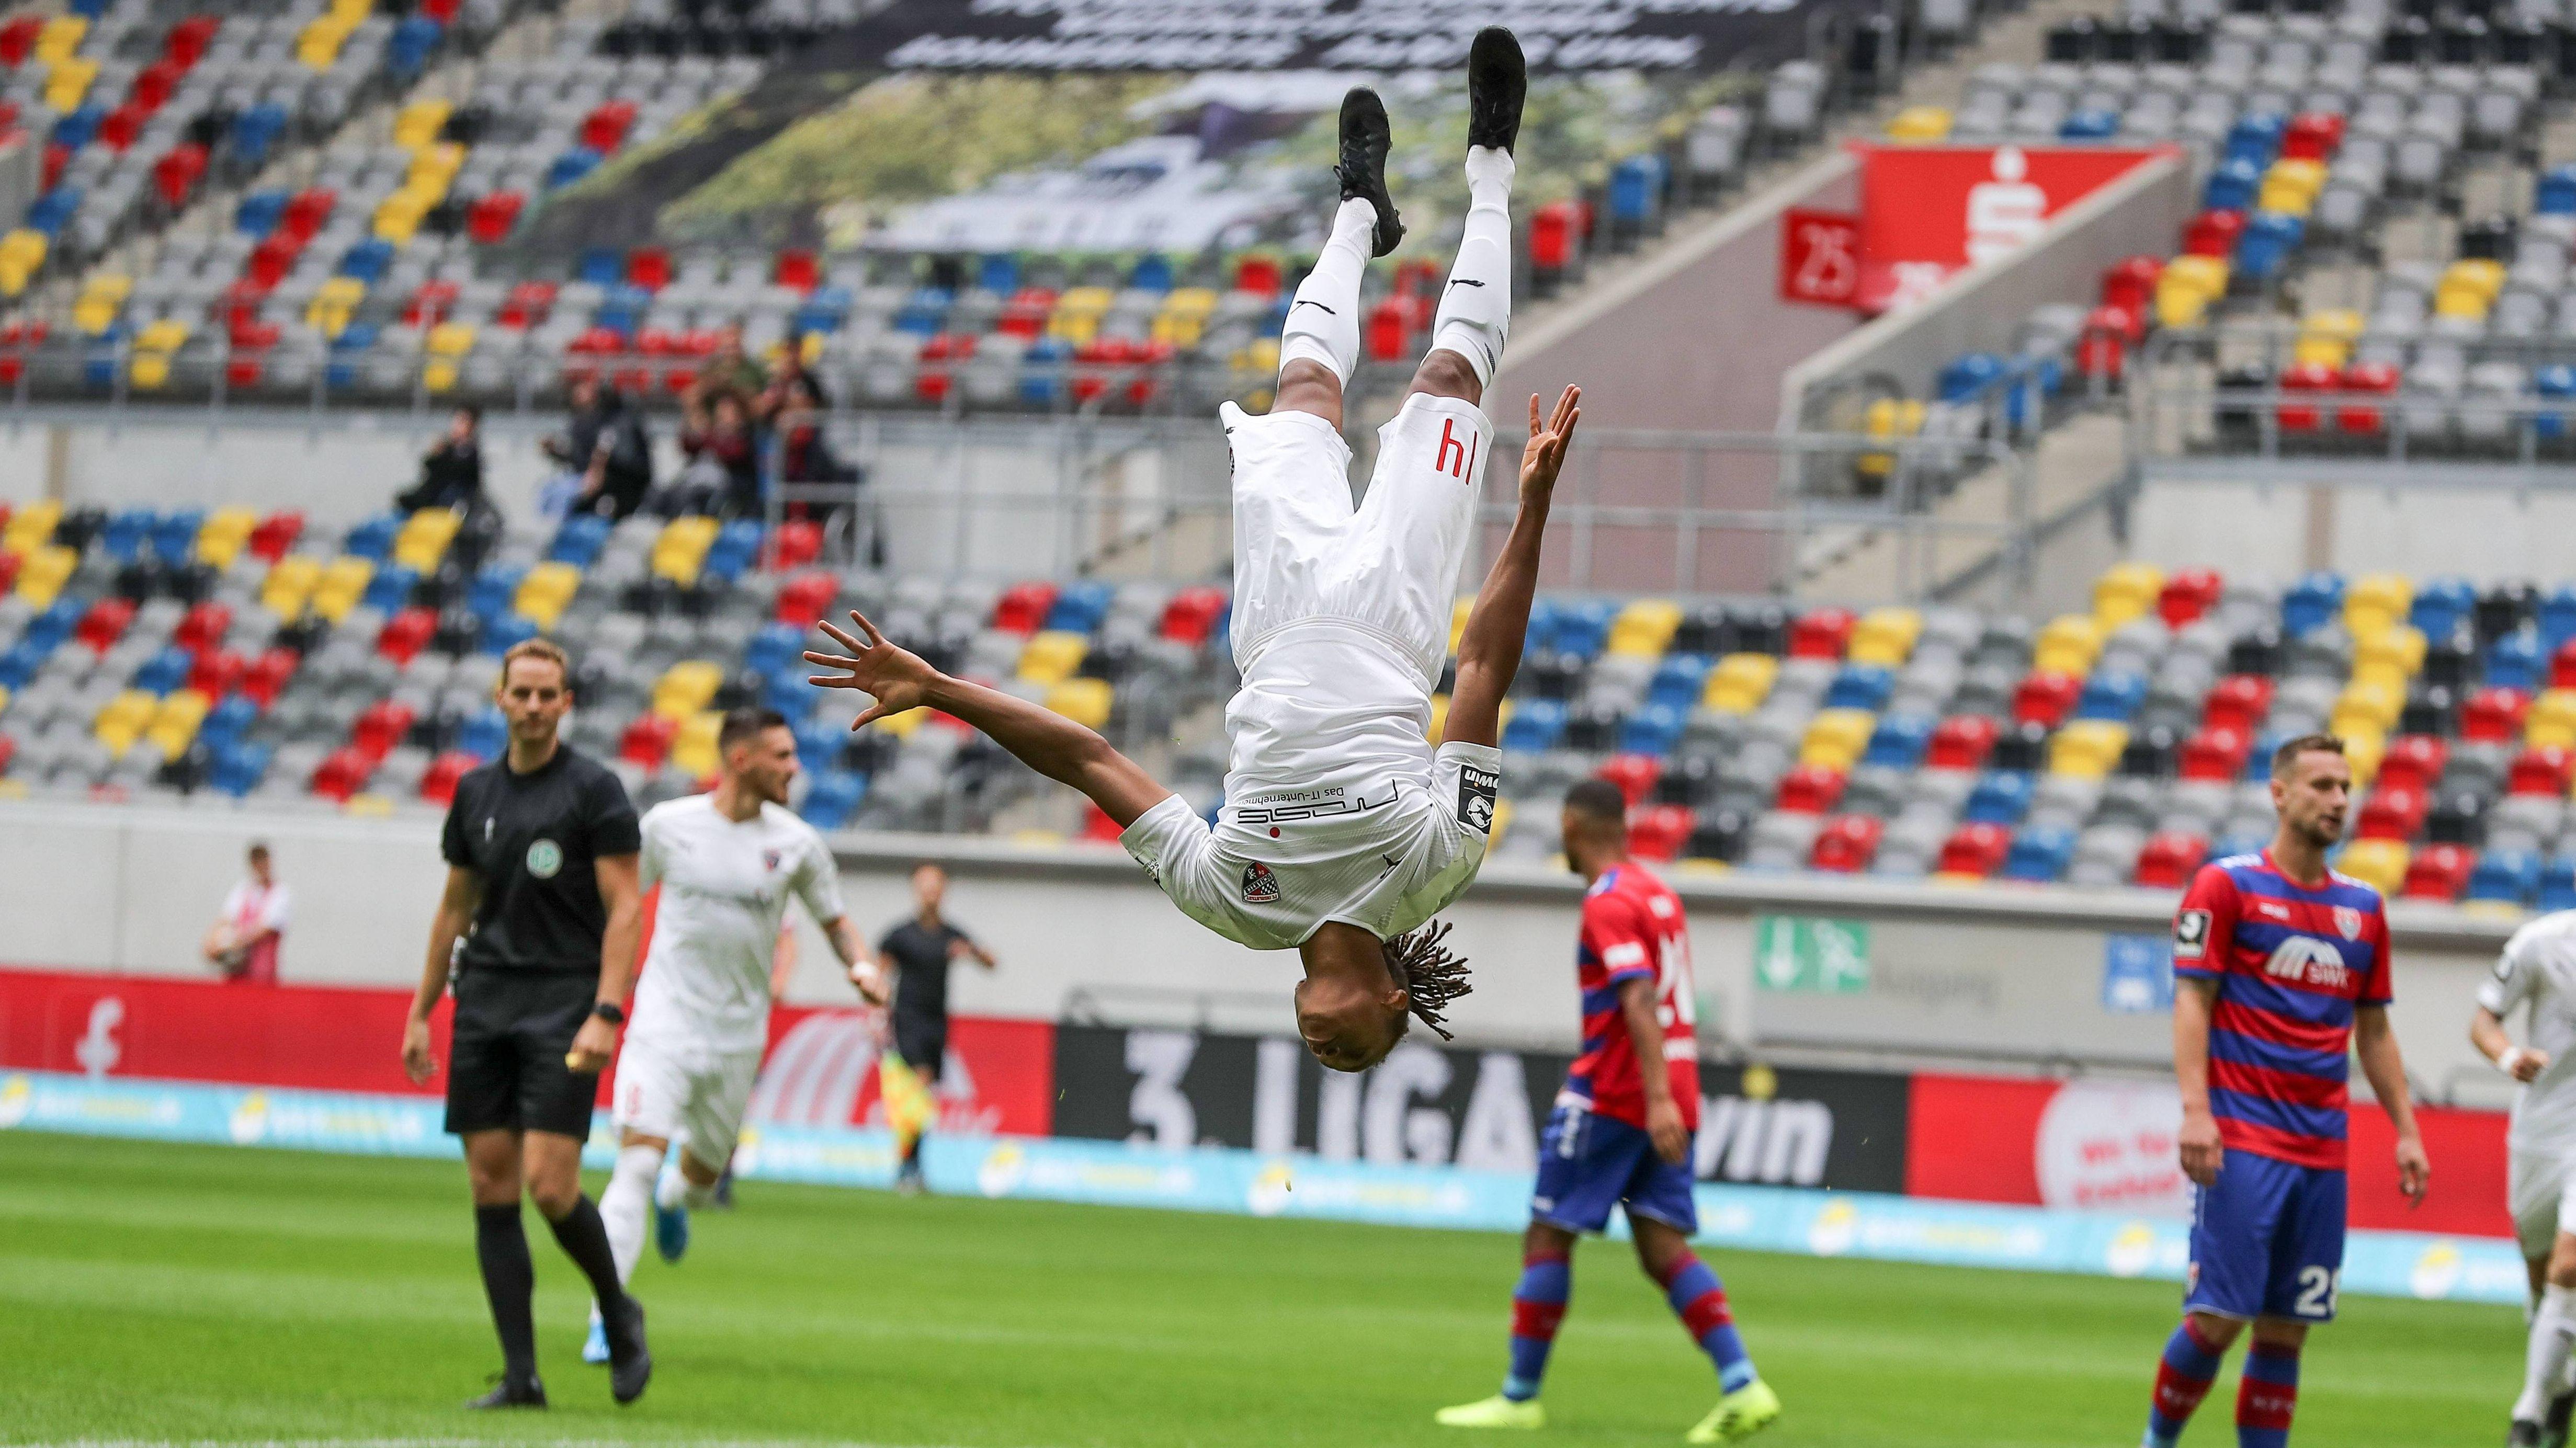 1:0-Torschütze Caniggia Elva macht einen Rückwärtssalto